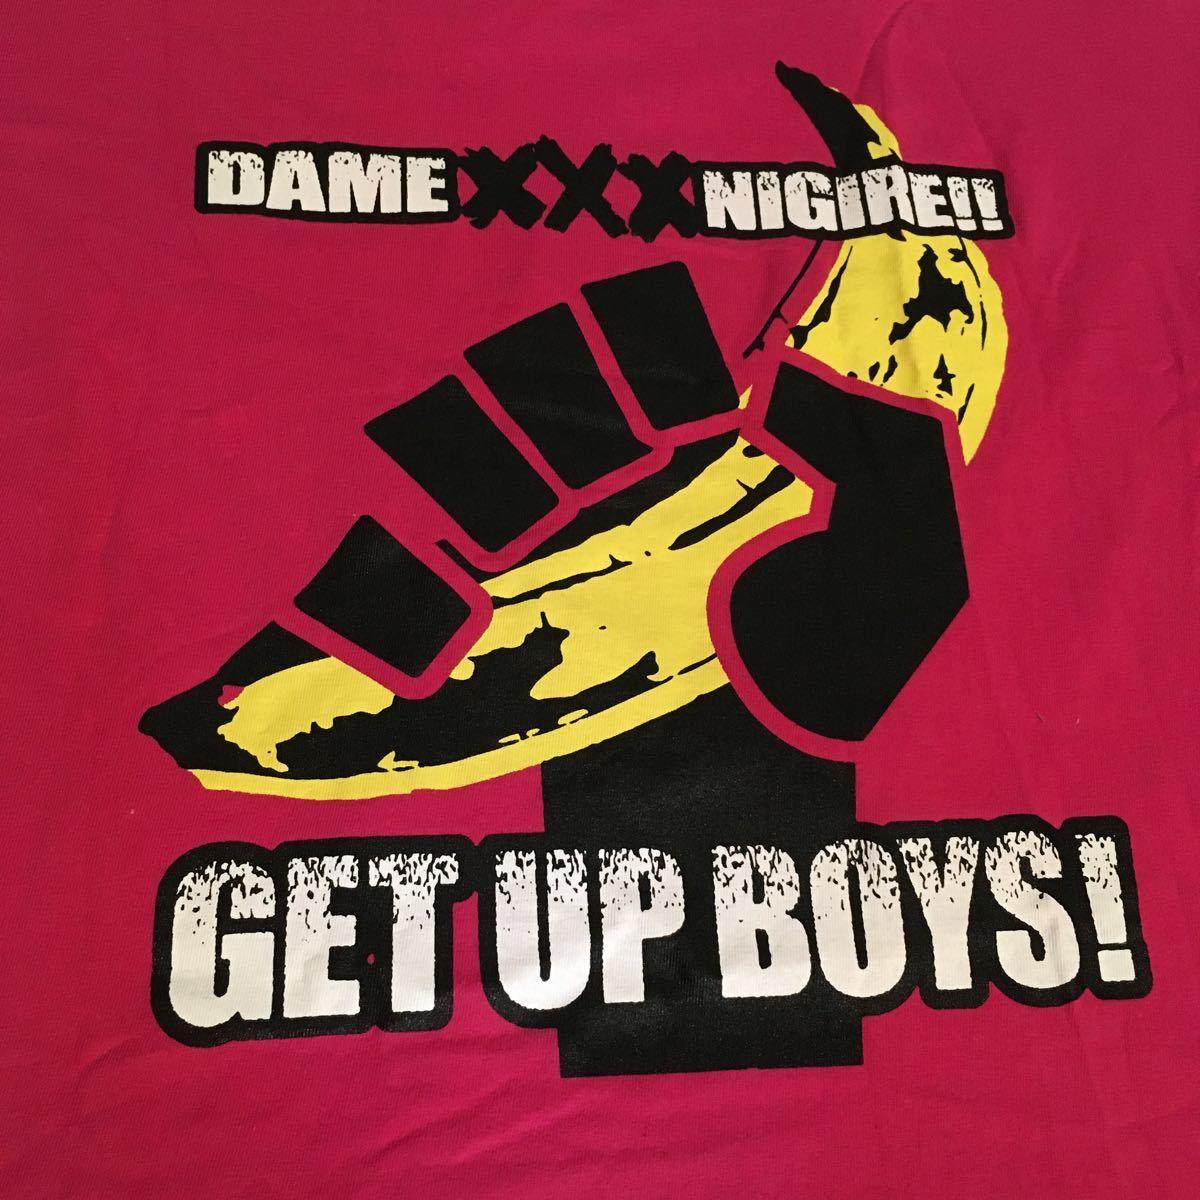 未使用新品 /マキシマム ザ ホルモン Tシャツ ピンク DAME XXX NIGIRE!! GET UP BOYS! PINK XL/maximum the Hormon shirts _画像5